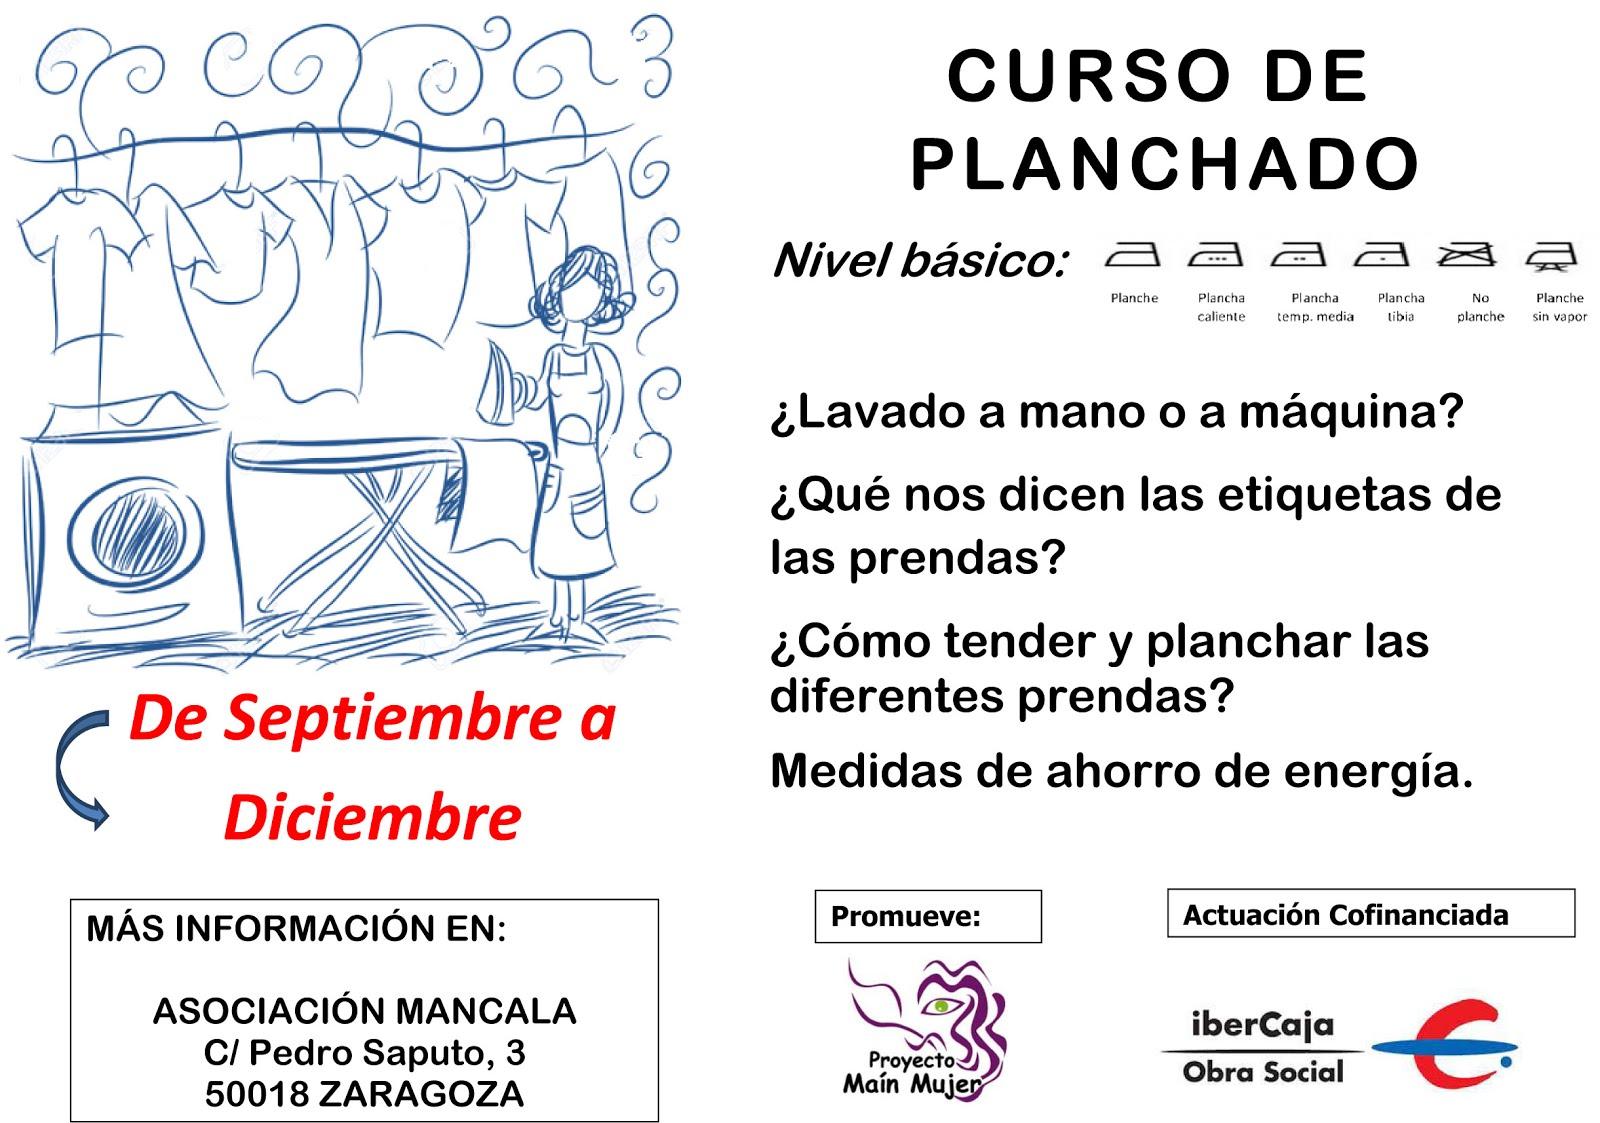 IBERCAJA(2015): Promoción e inserción social de la mujer  en el barrio del Actur